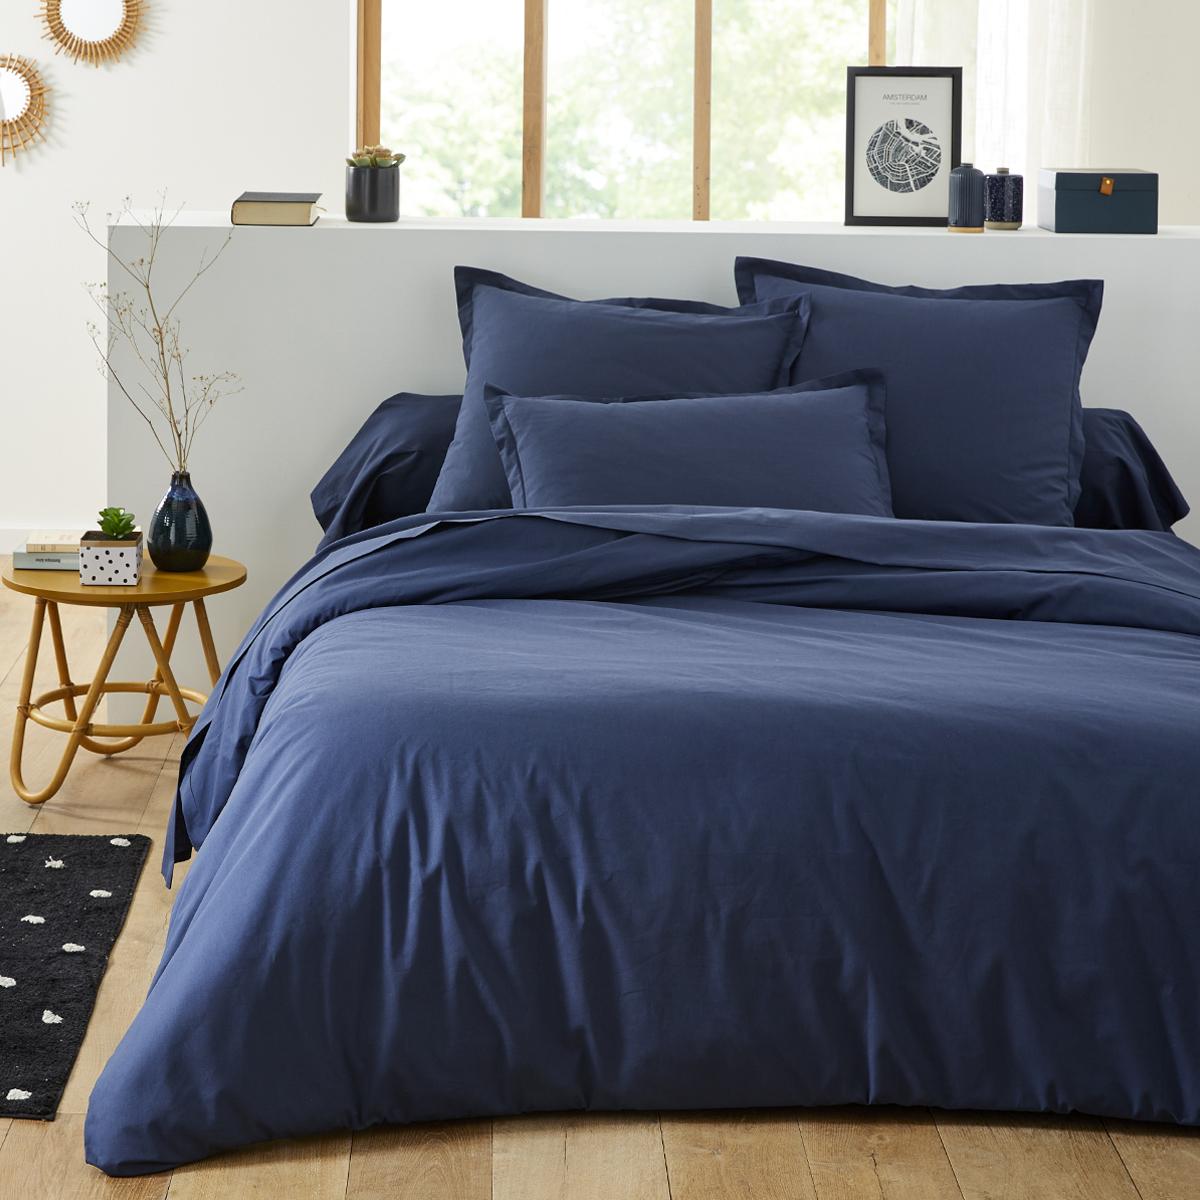 Housse de couette unie en coton bleu nuit 200x200